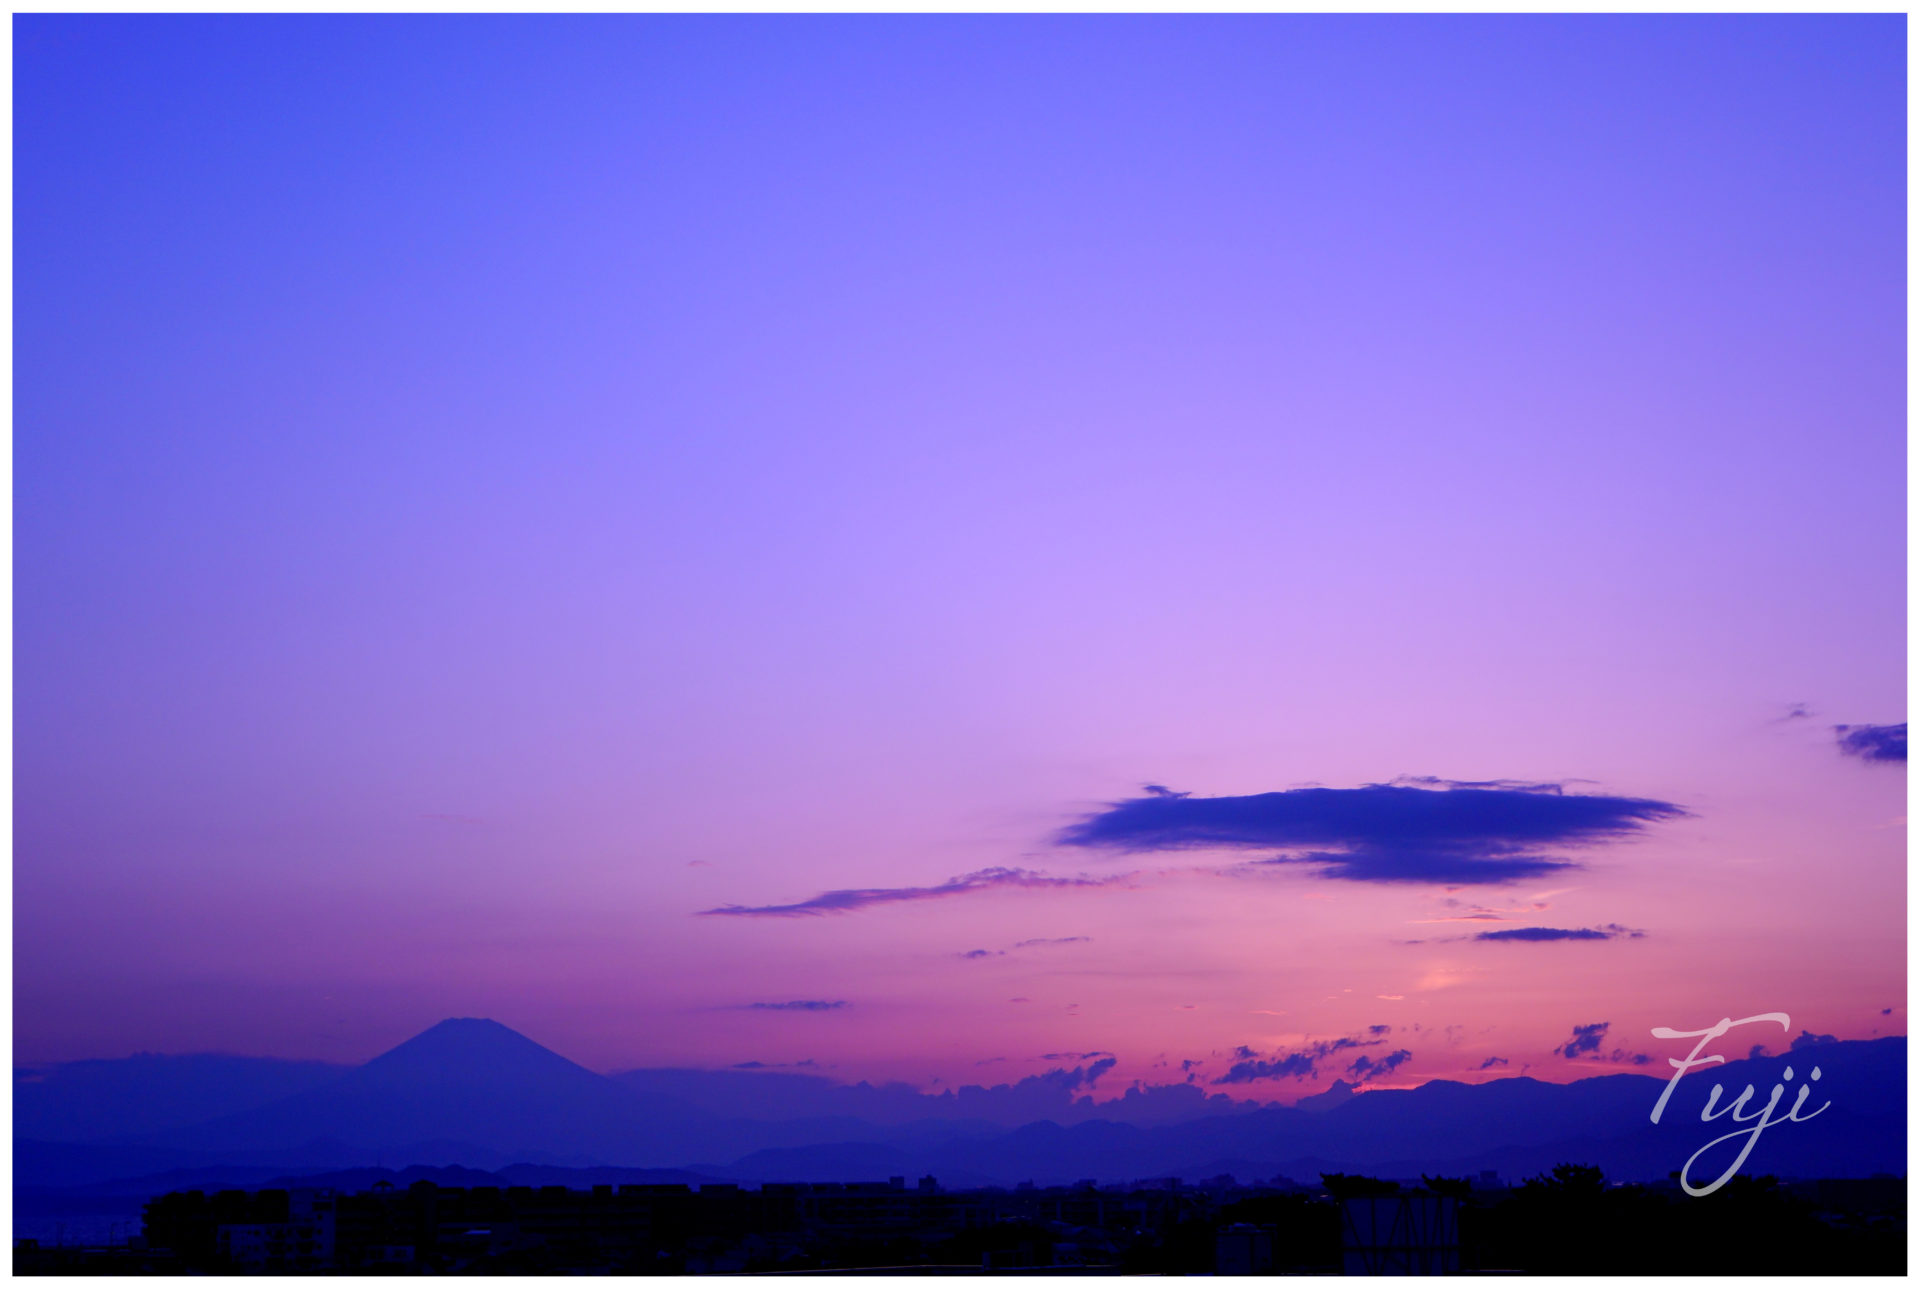 Mount Fuj